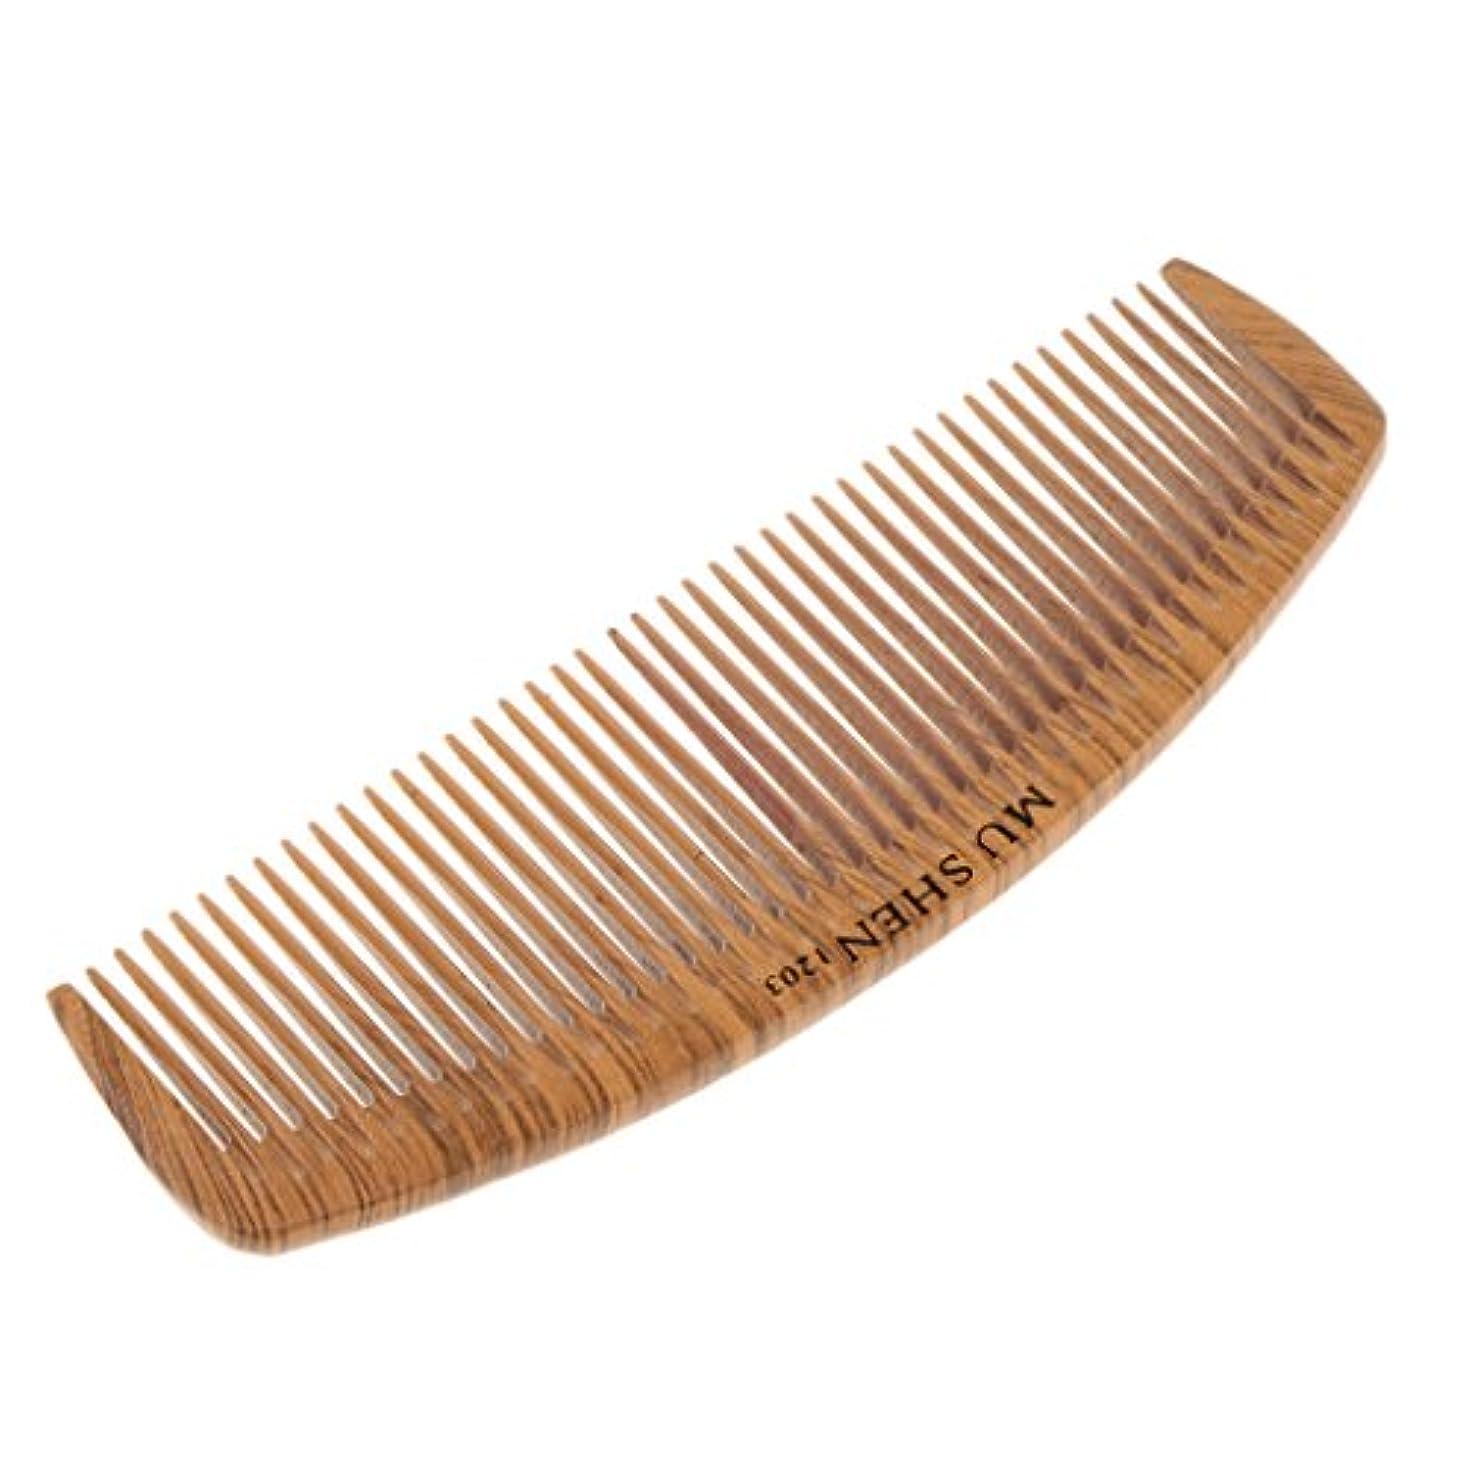 東部影響するによるとプロの木製のくし理髪ブラシ散髪ヘアサロンスタイリング理髪くし - 1203